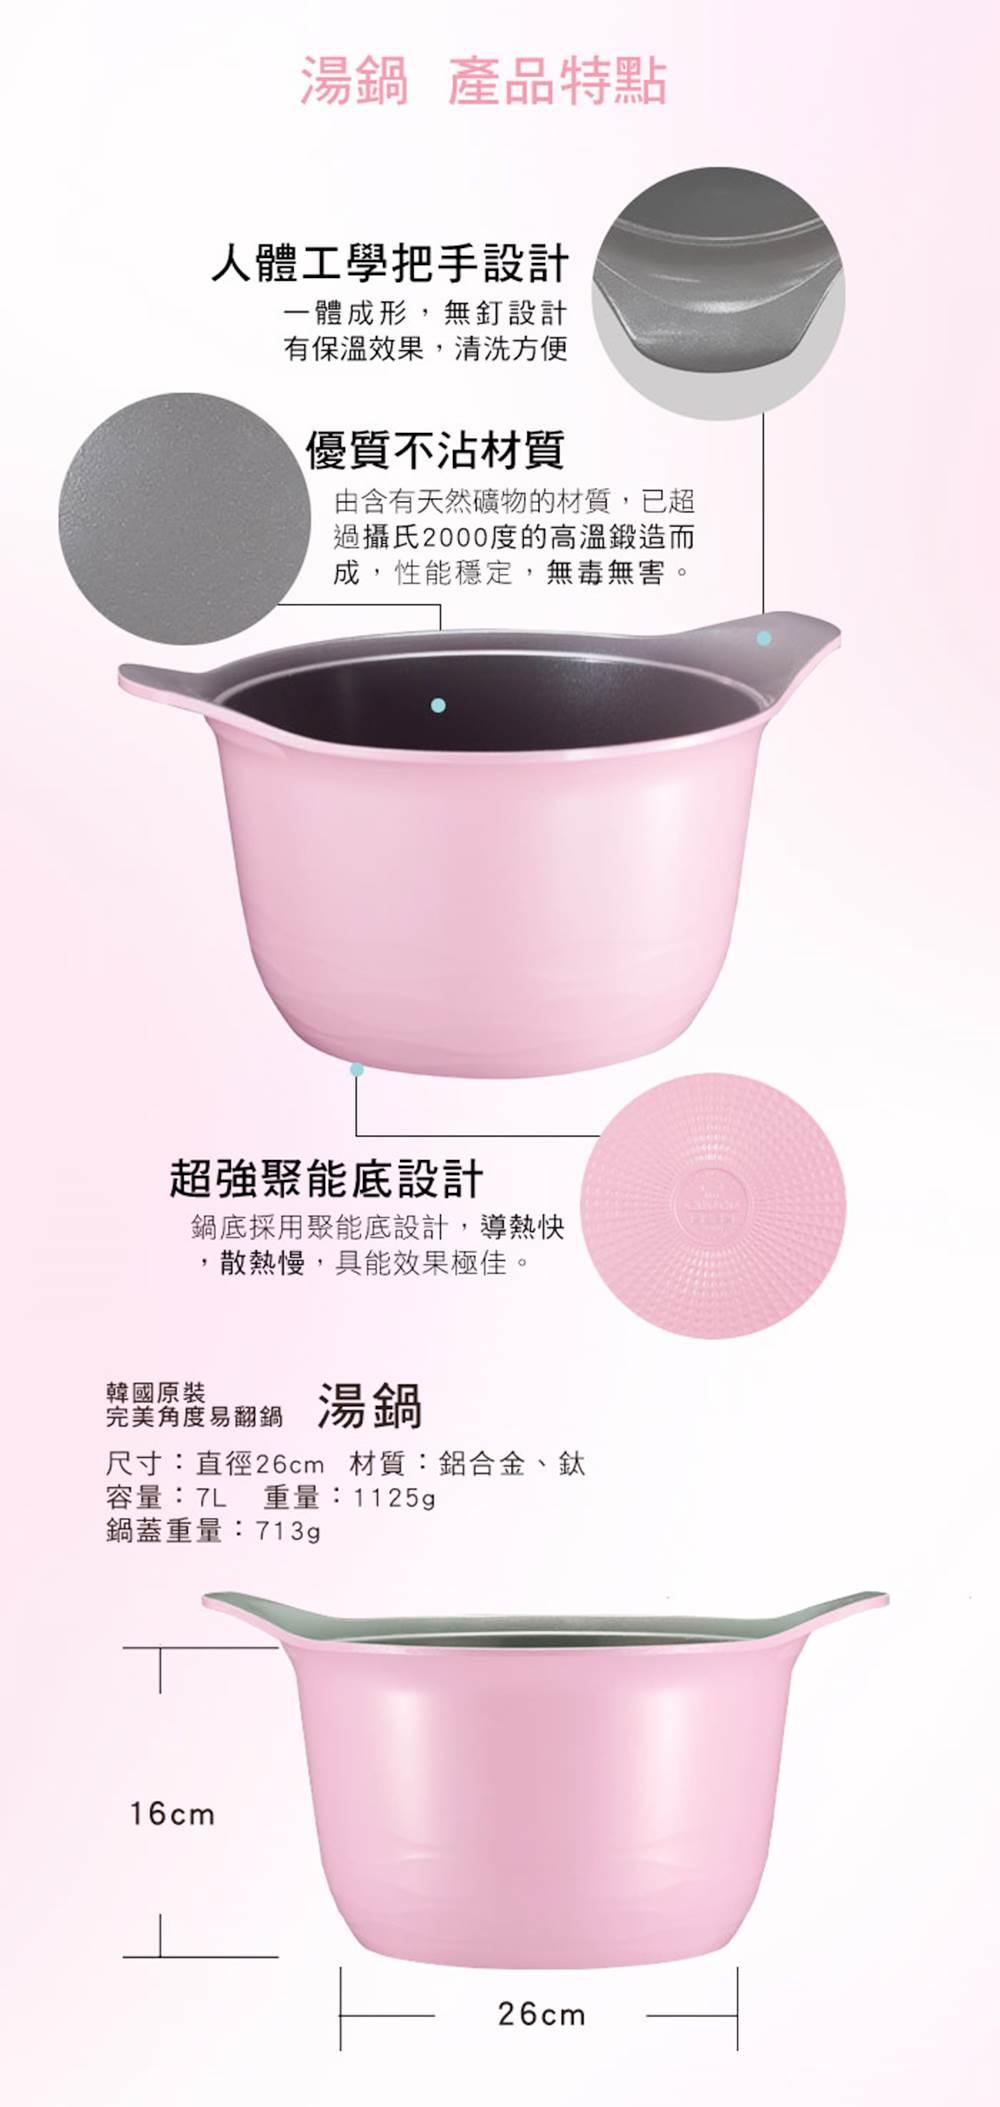 蔥媽媽 粉紅湯鍋 人體工學把手 不沾材質 煮菜導熱快